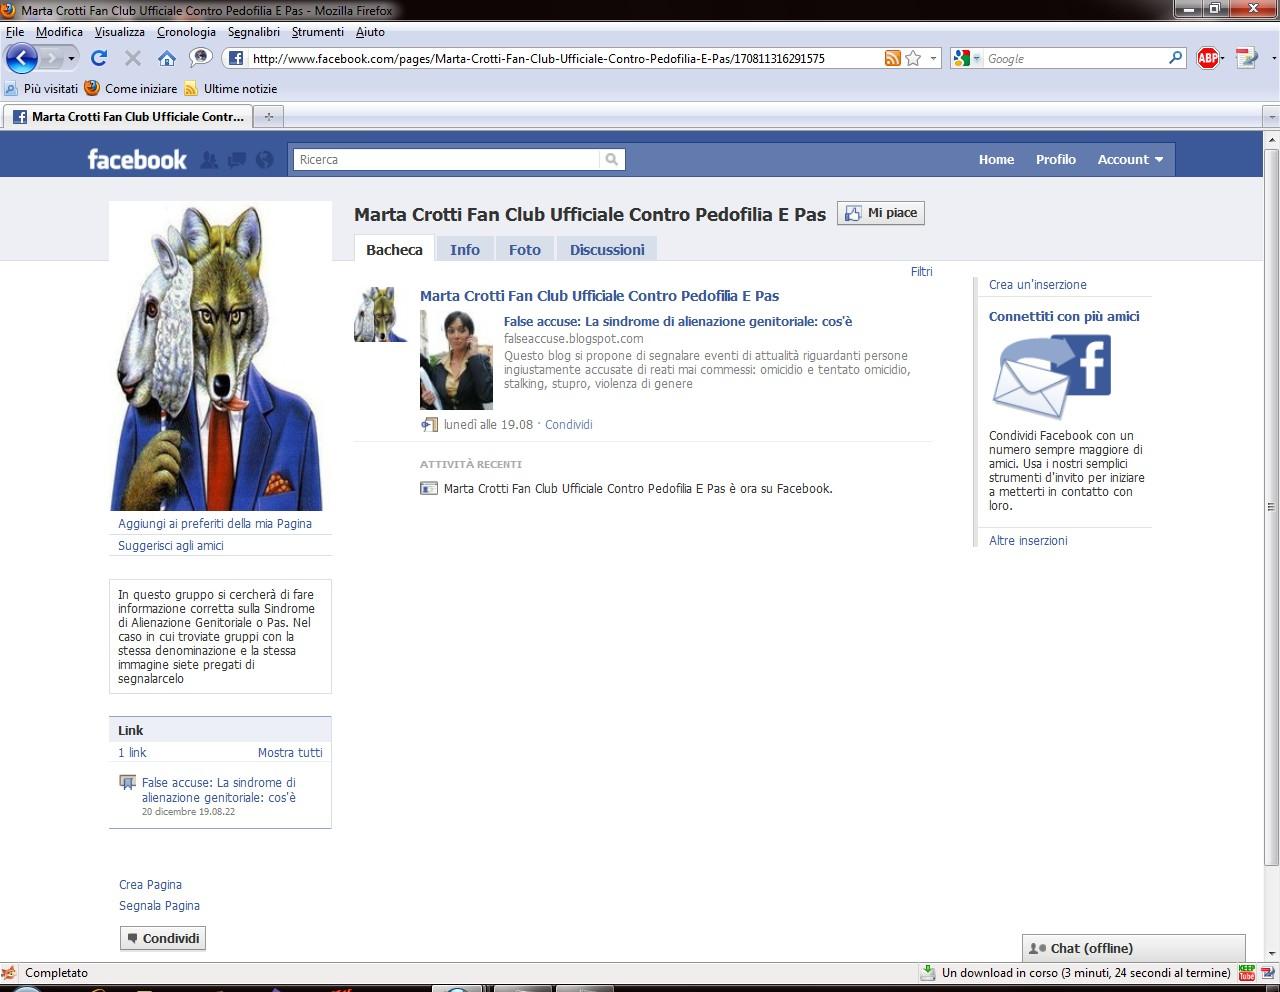 http://1.bp.blogspot.com/_6m98GHCM8dk/TRO7cKpPd4I/AAAAAAAABKE/mG0W2mV0TAQ/s1600/2010-12-23_220943_FALSO_MARTA_CROTTI.jpg